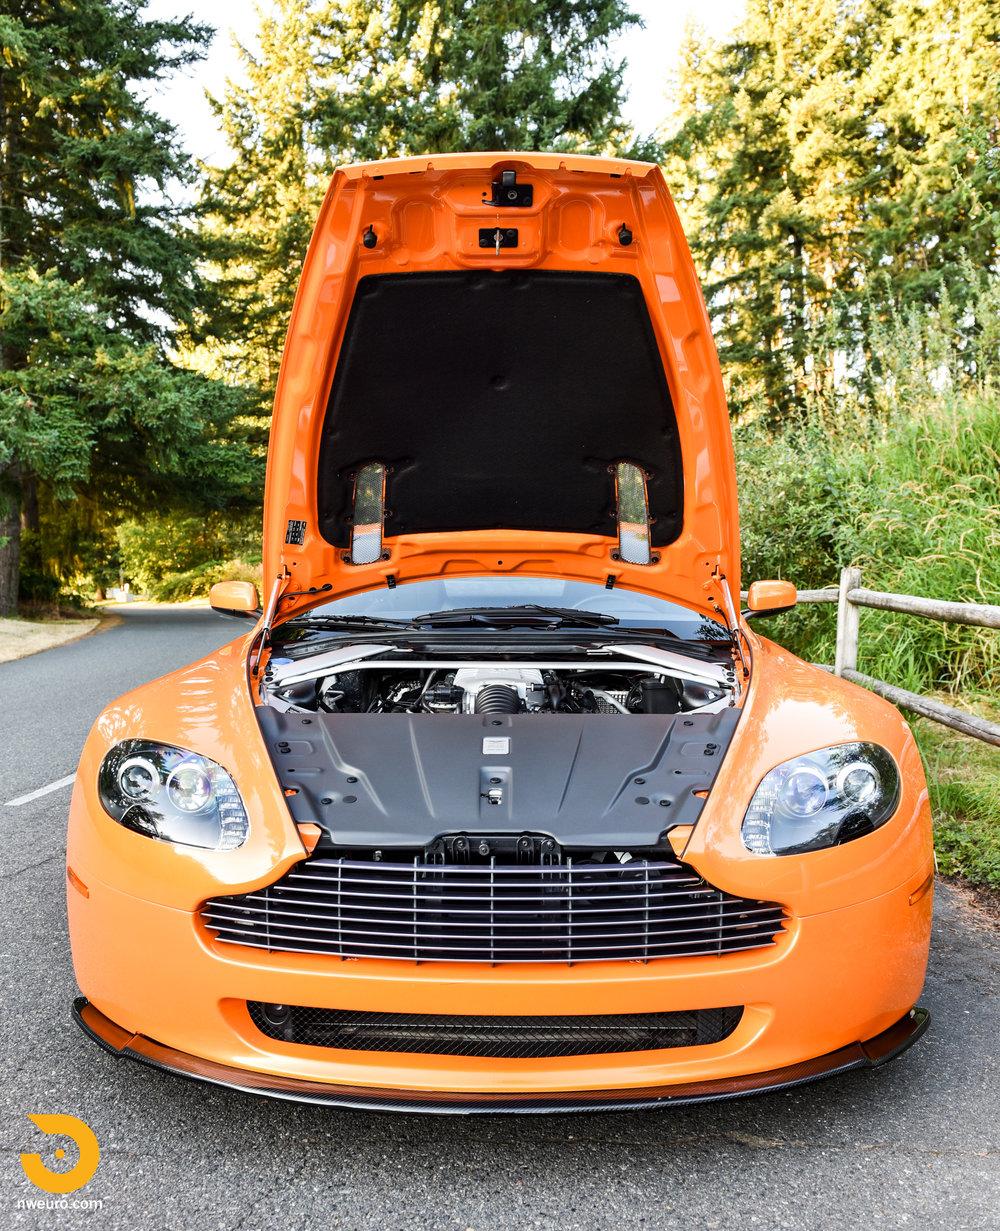 2009 Aston Martin V8 Vantage-18.jpg